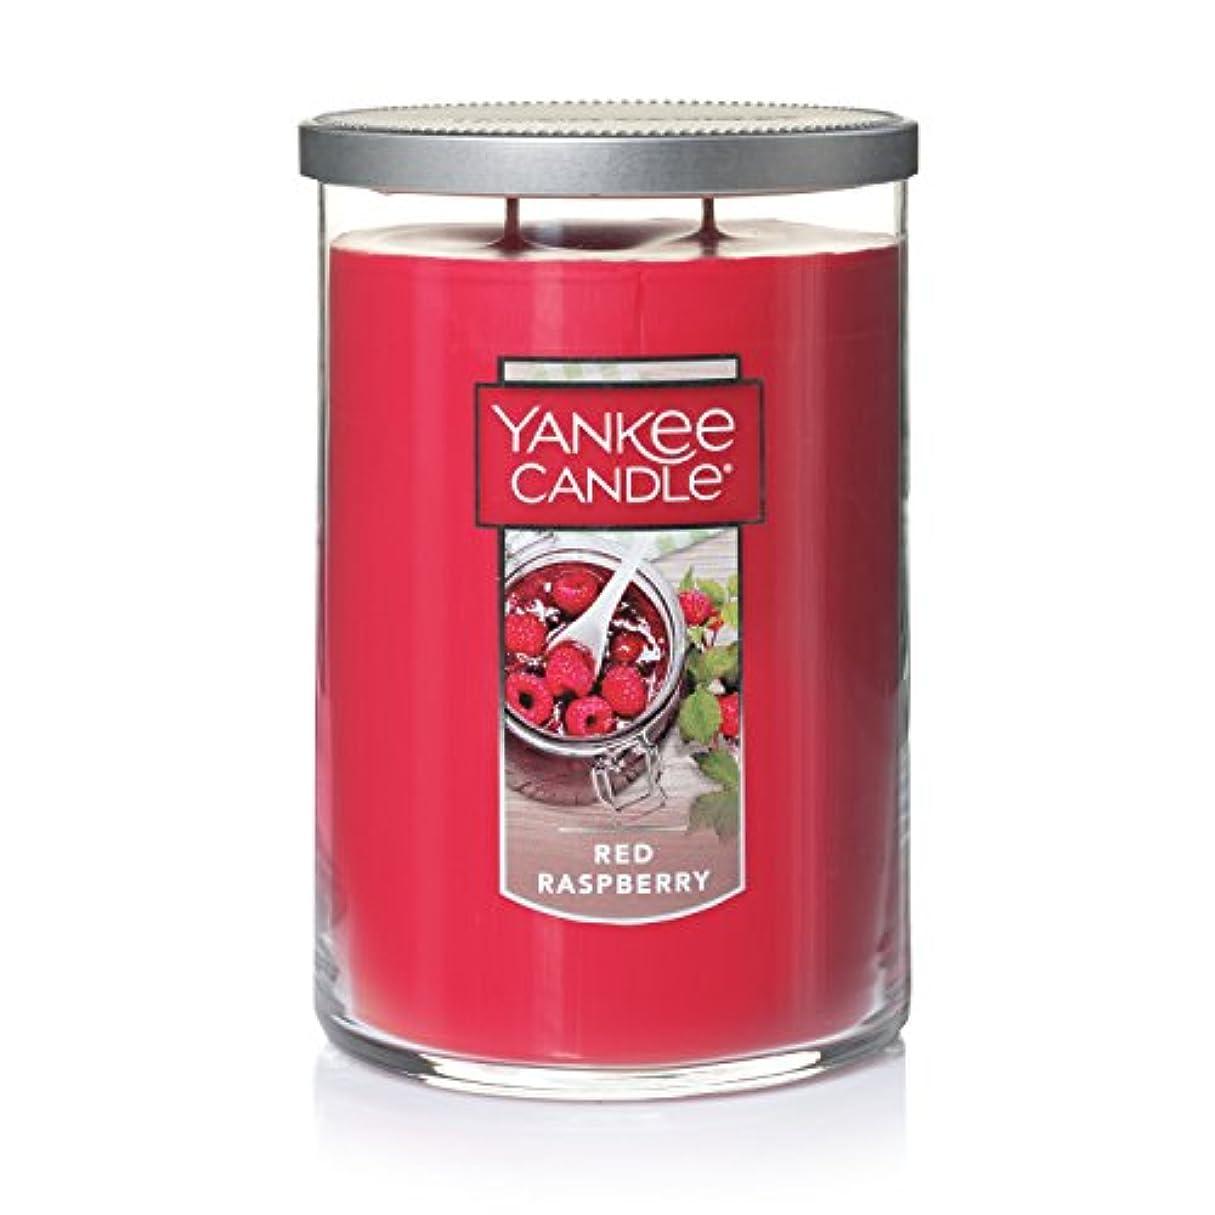 時ギャングスター物足りないYankee Candleレッドラズベリーティーライトキャンドル、フルーツ香り Large 2-Wick Tumbler Candle レッド 1323195